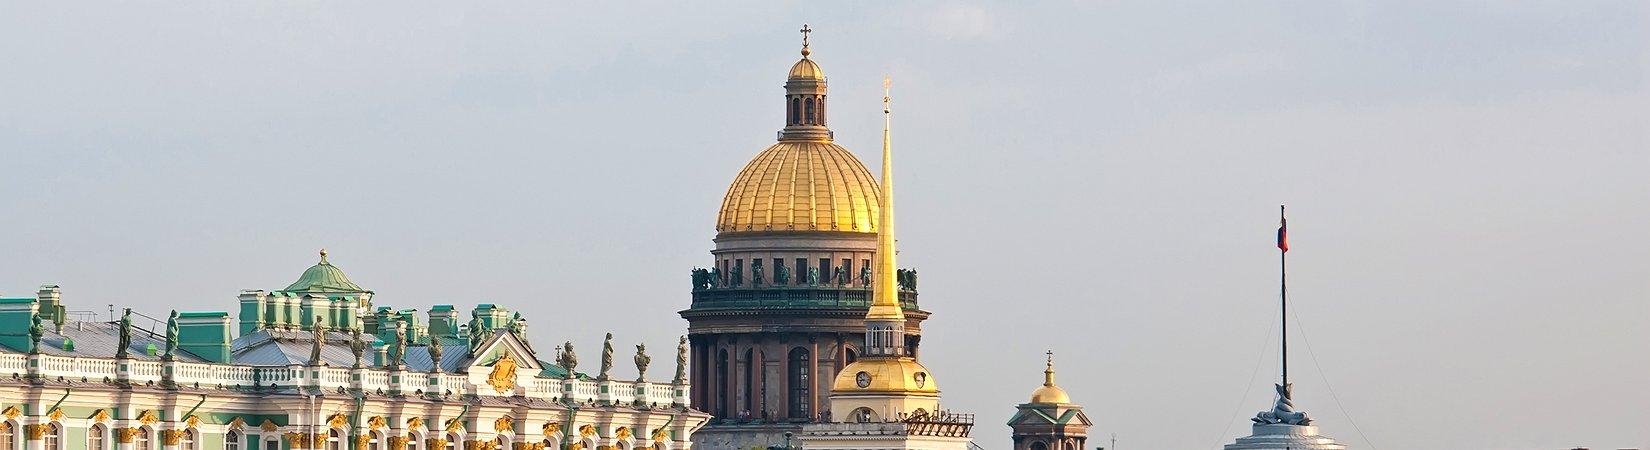 ماذا يعني اجتماع أوبك في سان بطرسبورغ لسوق النفط